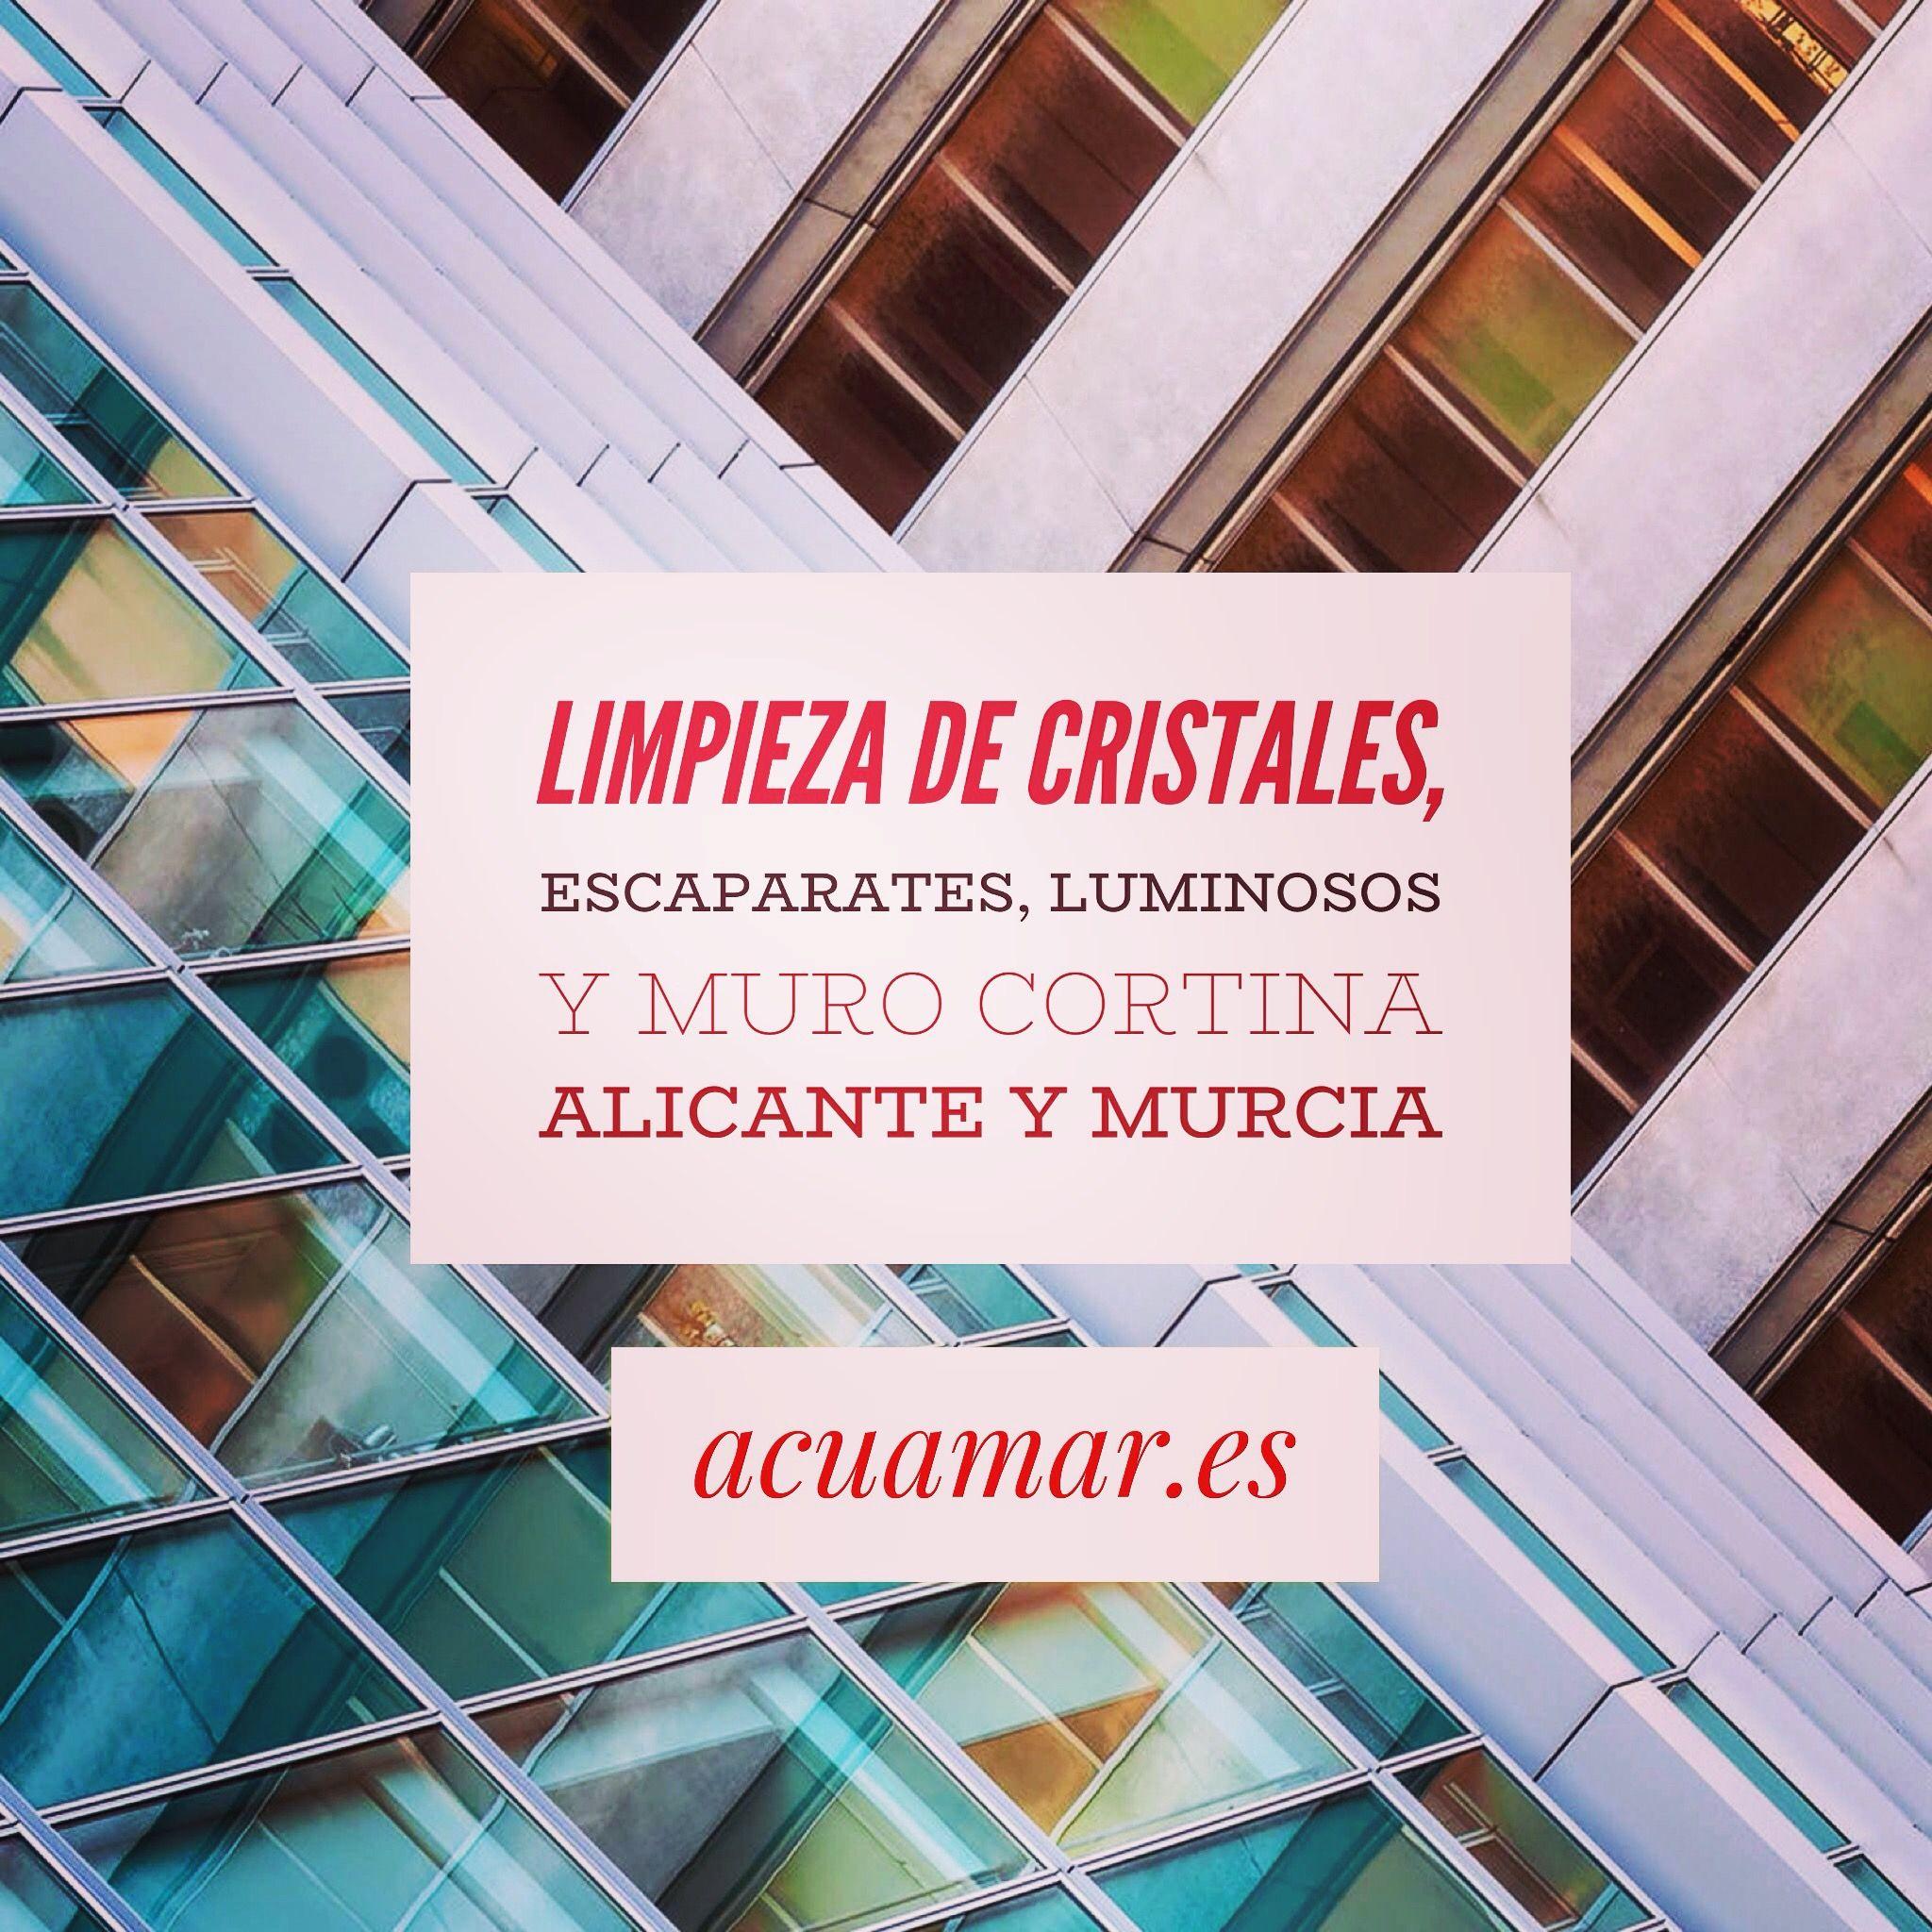 Empresa De Limpieza De Cristales Escaparates Ventanas Luminosos  ~ Limpieza De Ventanas Y Cristales